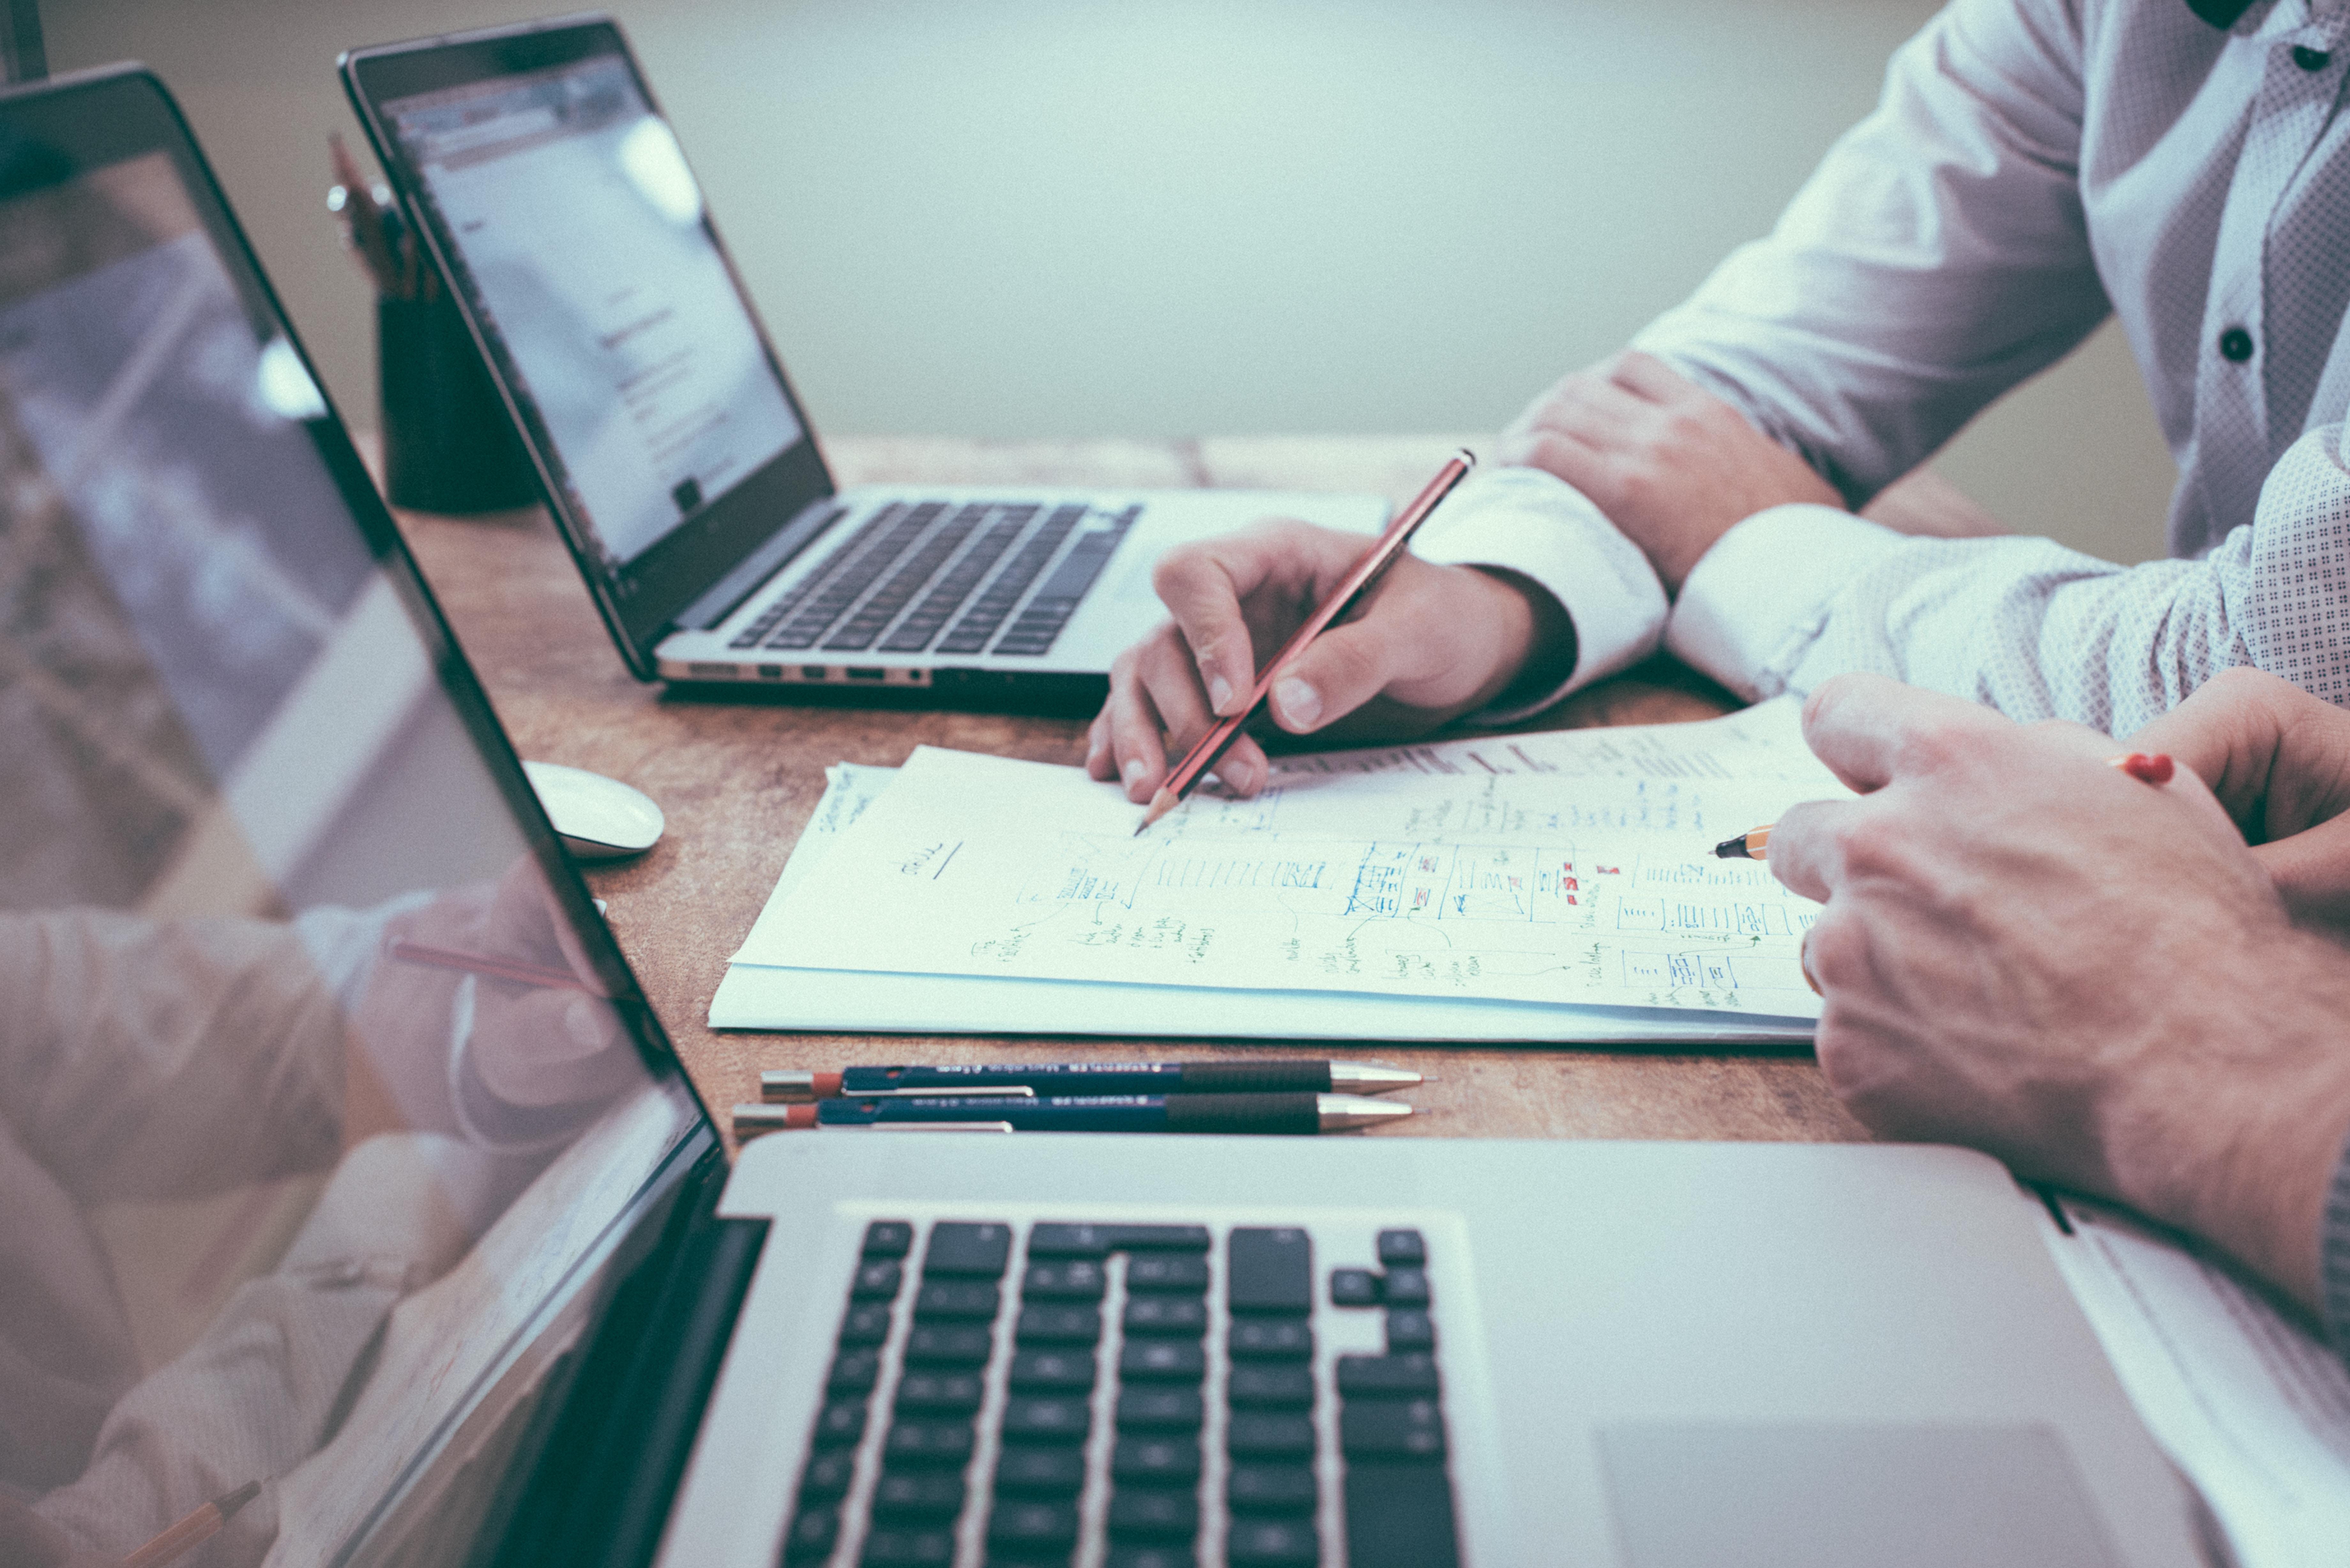 Investimento em aplicativo: Quanto custa para desenvolver?